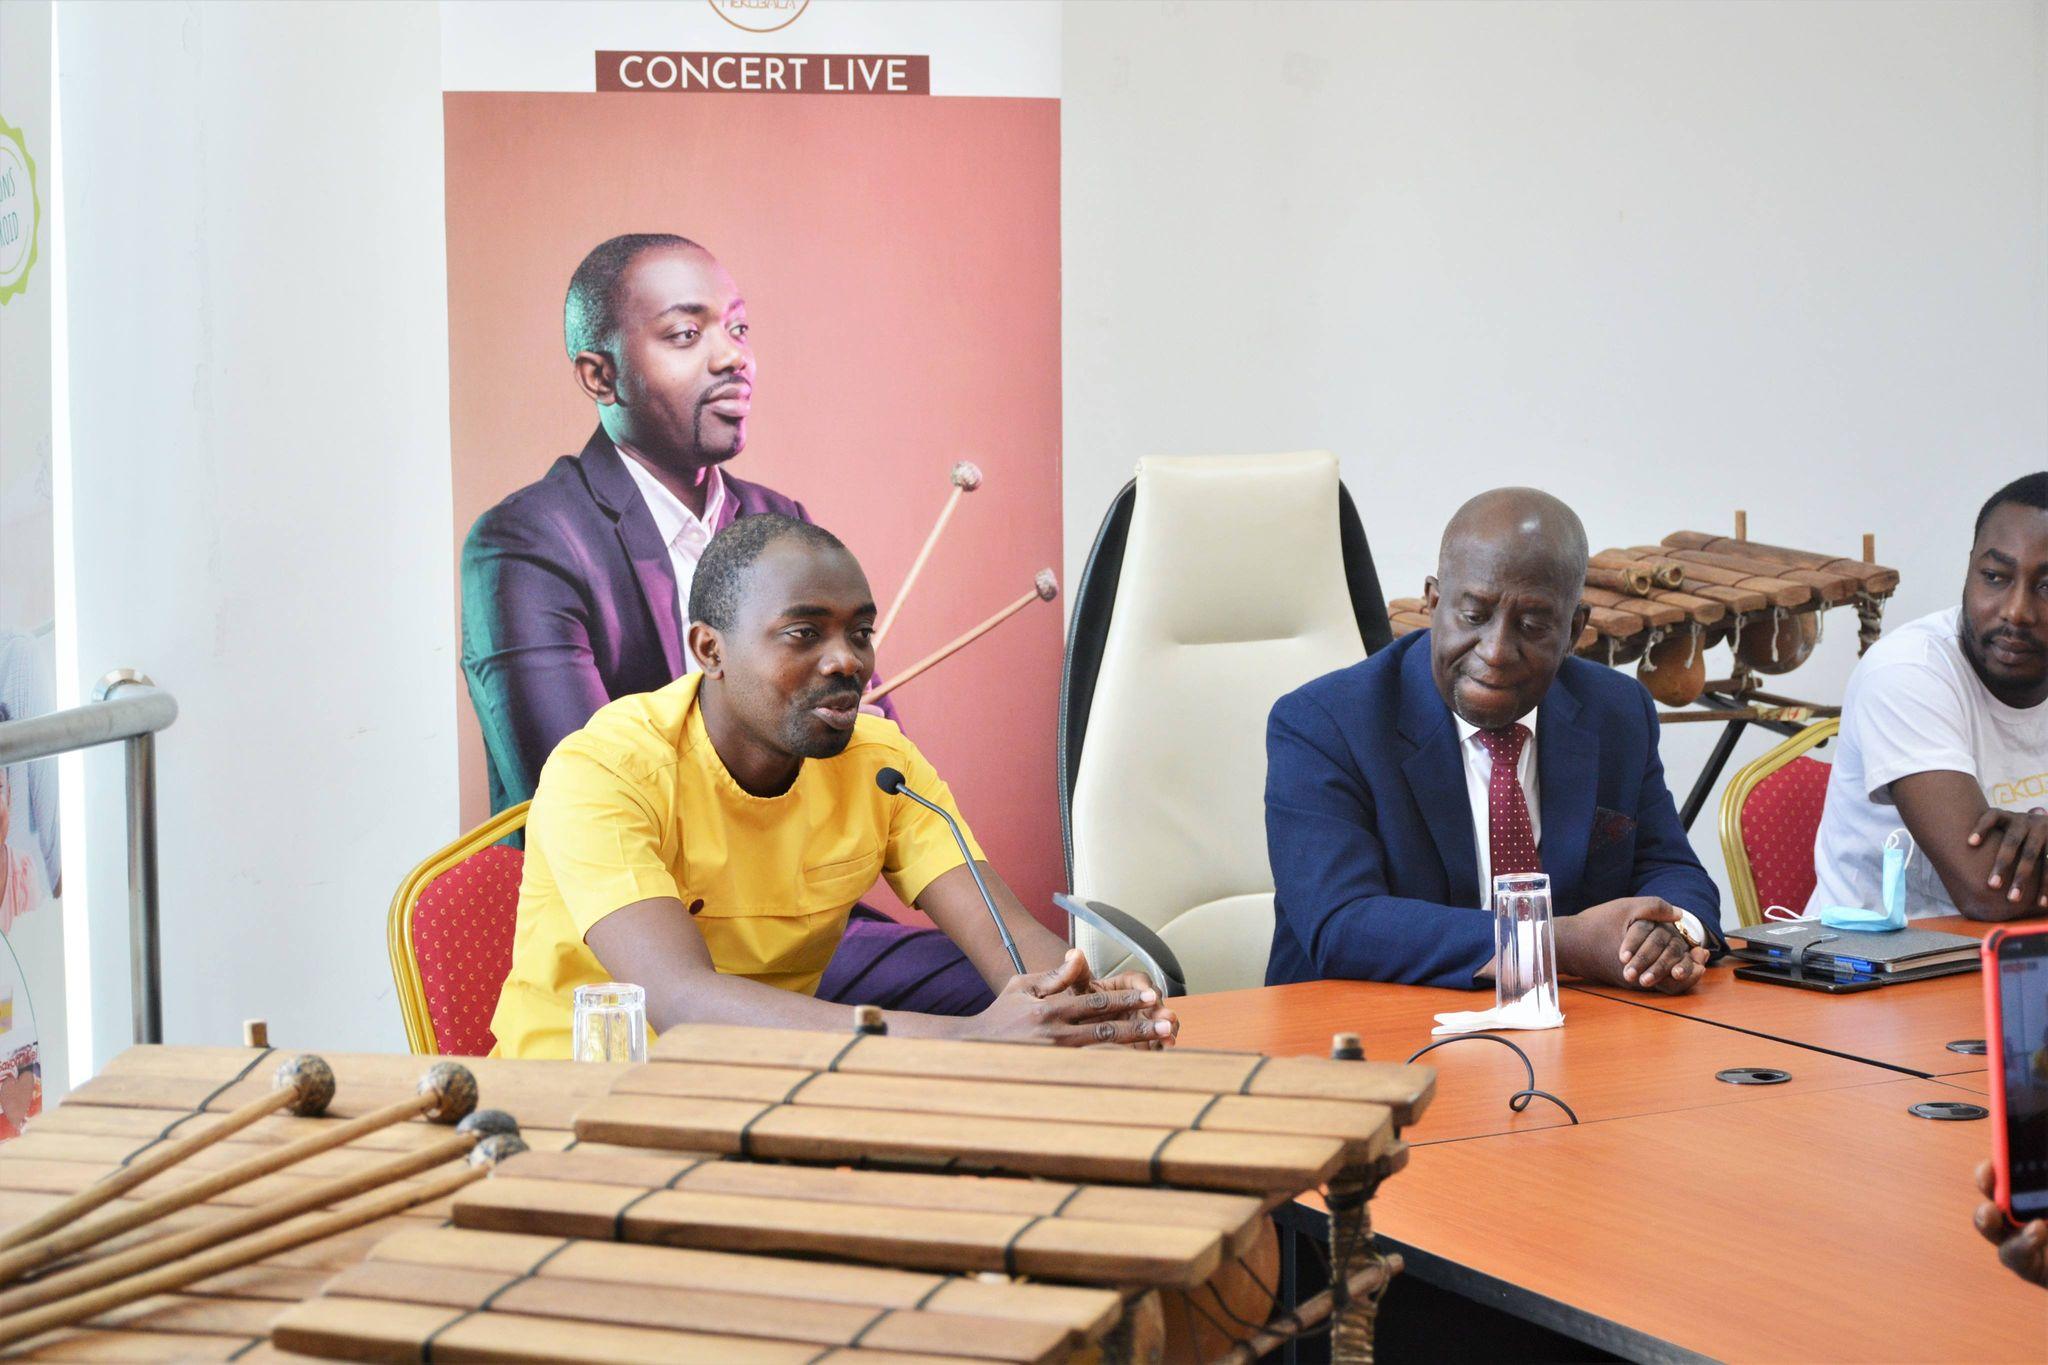 promotion-du-balafon-nekobala-annonce-le-spectacle-quotsoundjata-keitaquot-au-palais-de-la-culture